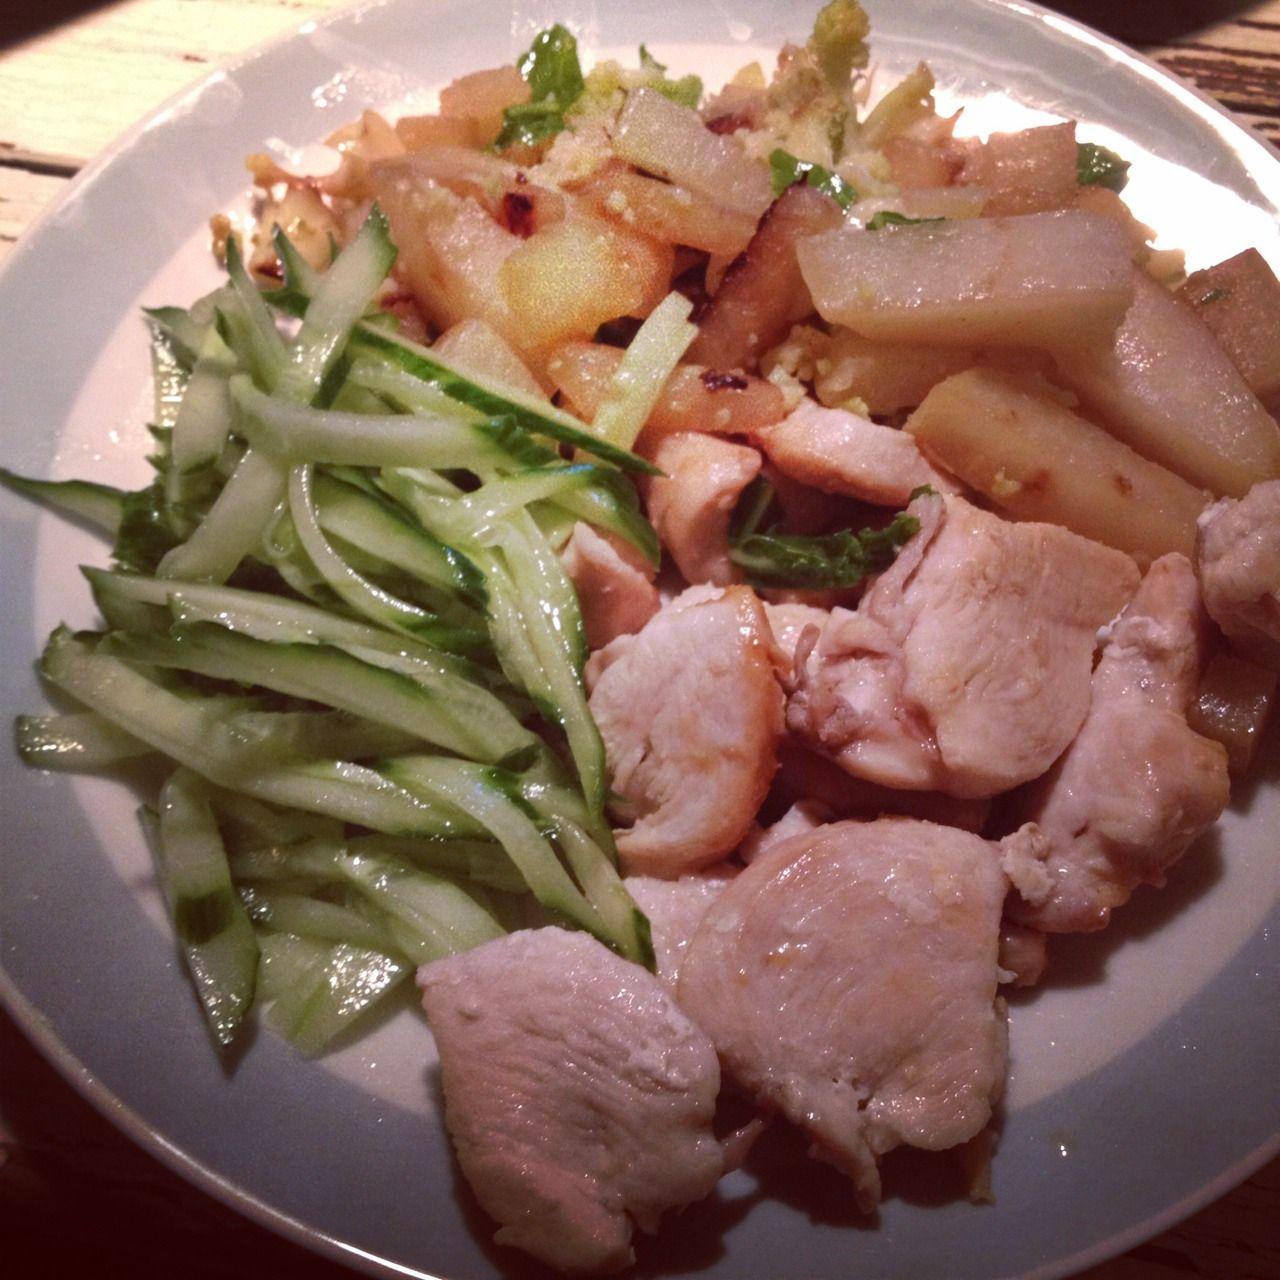 Hühnchen mit geschmortem Kohlrabi und Romanescoblumenkohl, Gurkensalat. Chicken with braised turnips and romanesco cauliflower, cucumber sal...